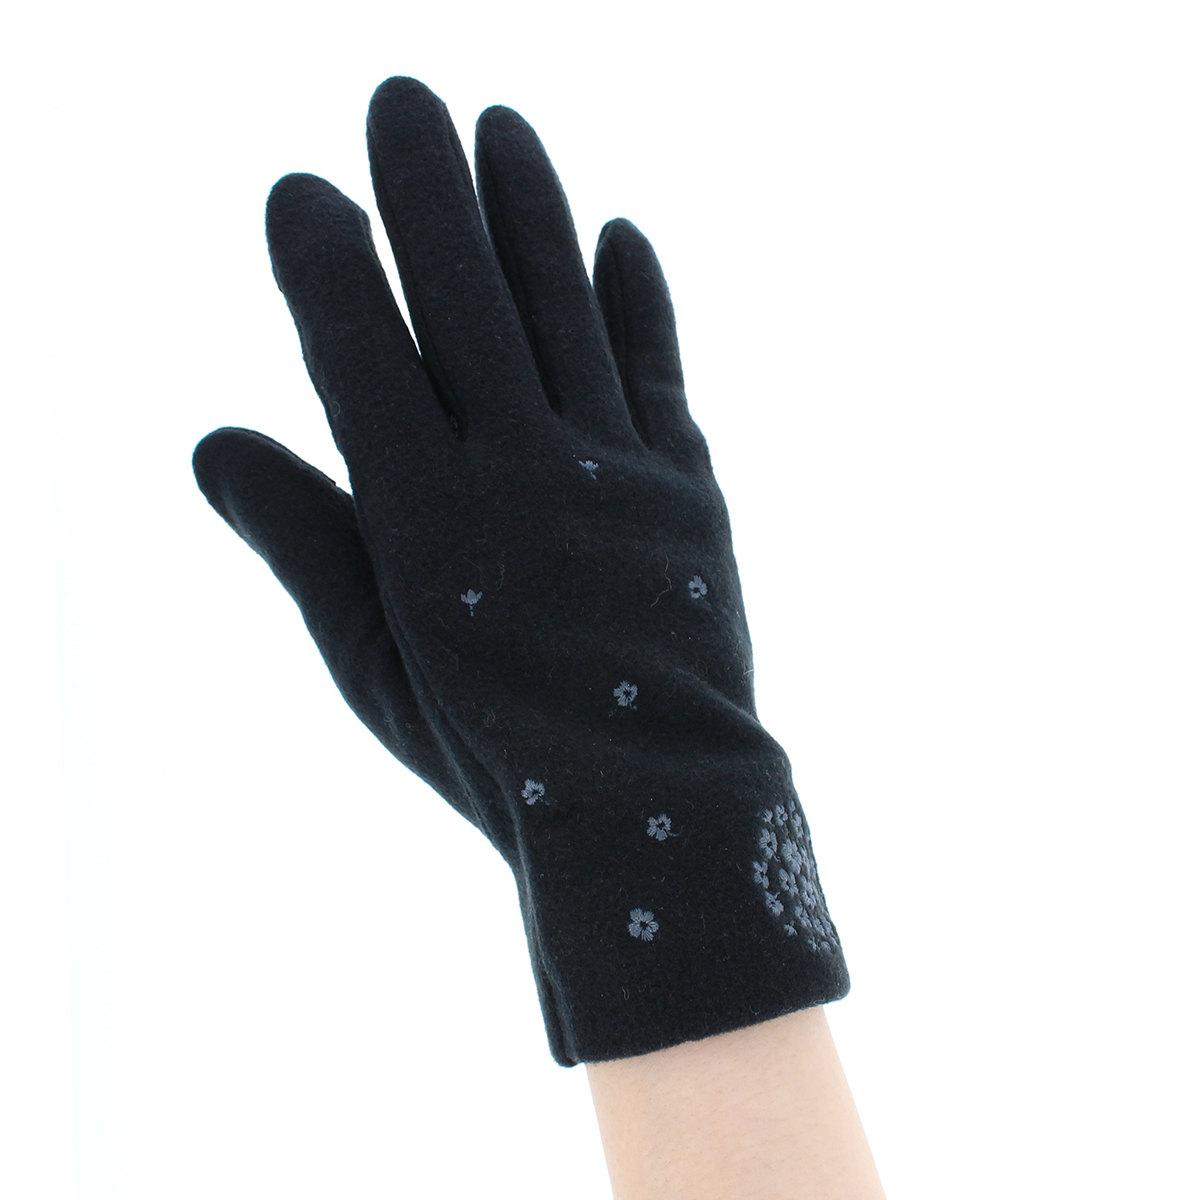 ローラアシュレイ 人気ブランド レディース ジャージ手袋 タッチパネル スマホ対応 指紋認証対応 指先だけ出せる 秋冬 五本指手袋 COCO柄刺繍 柔らかな肌触り